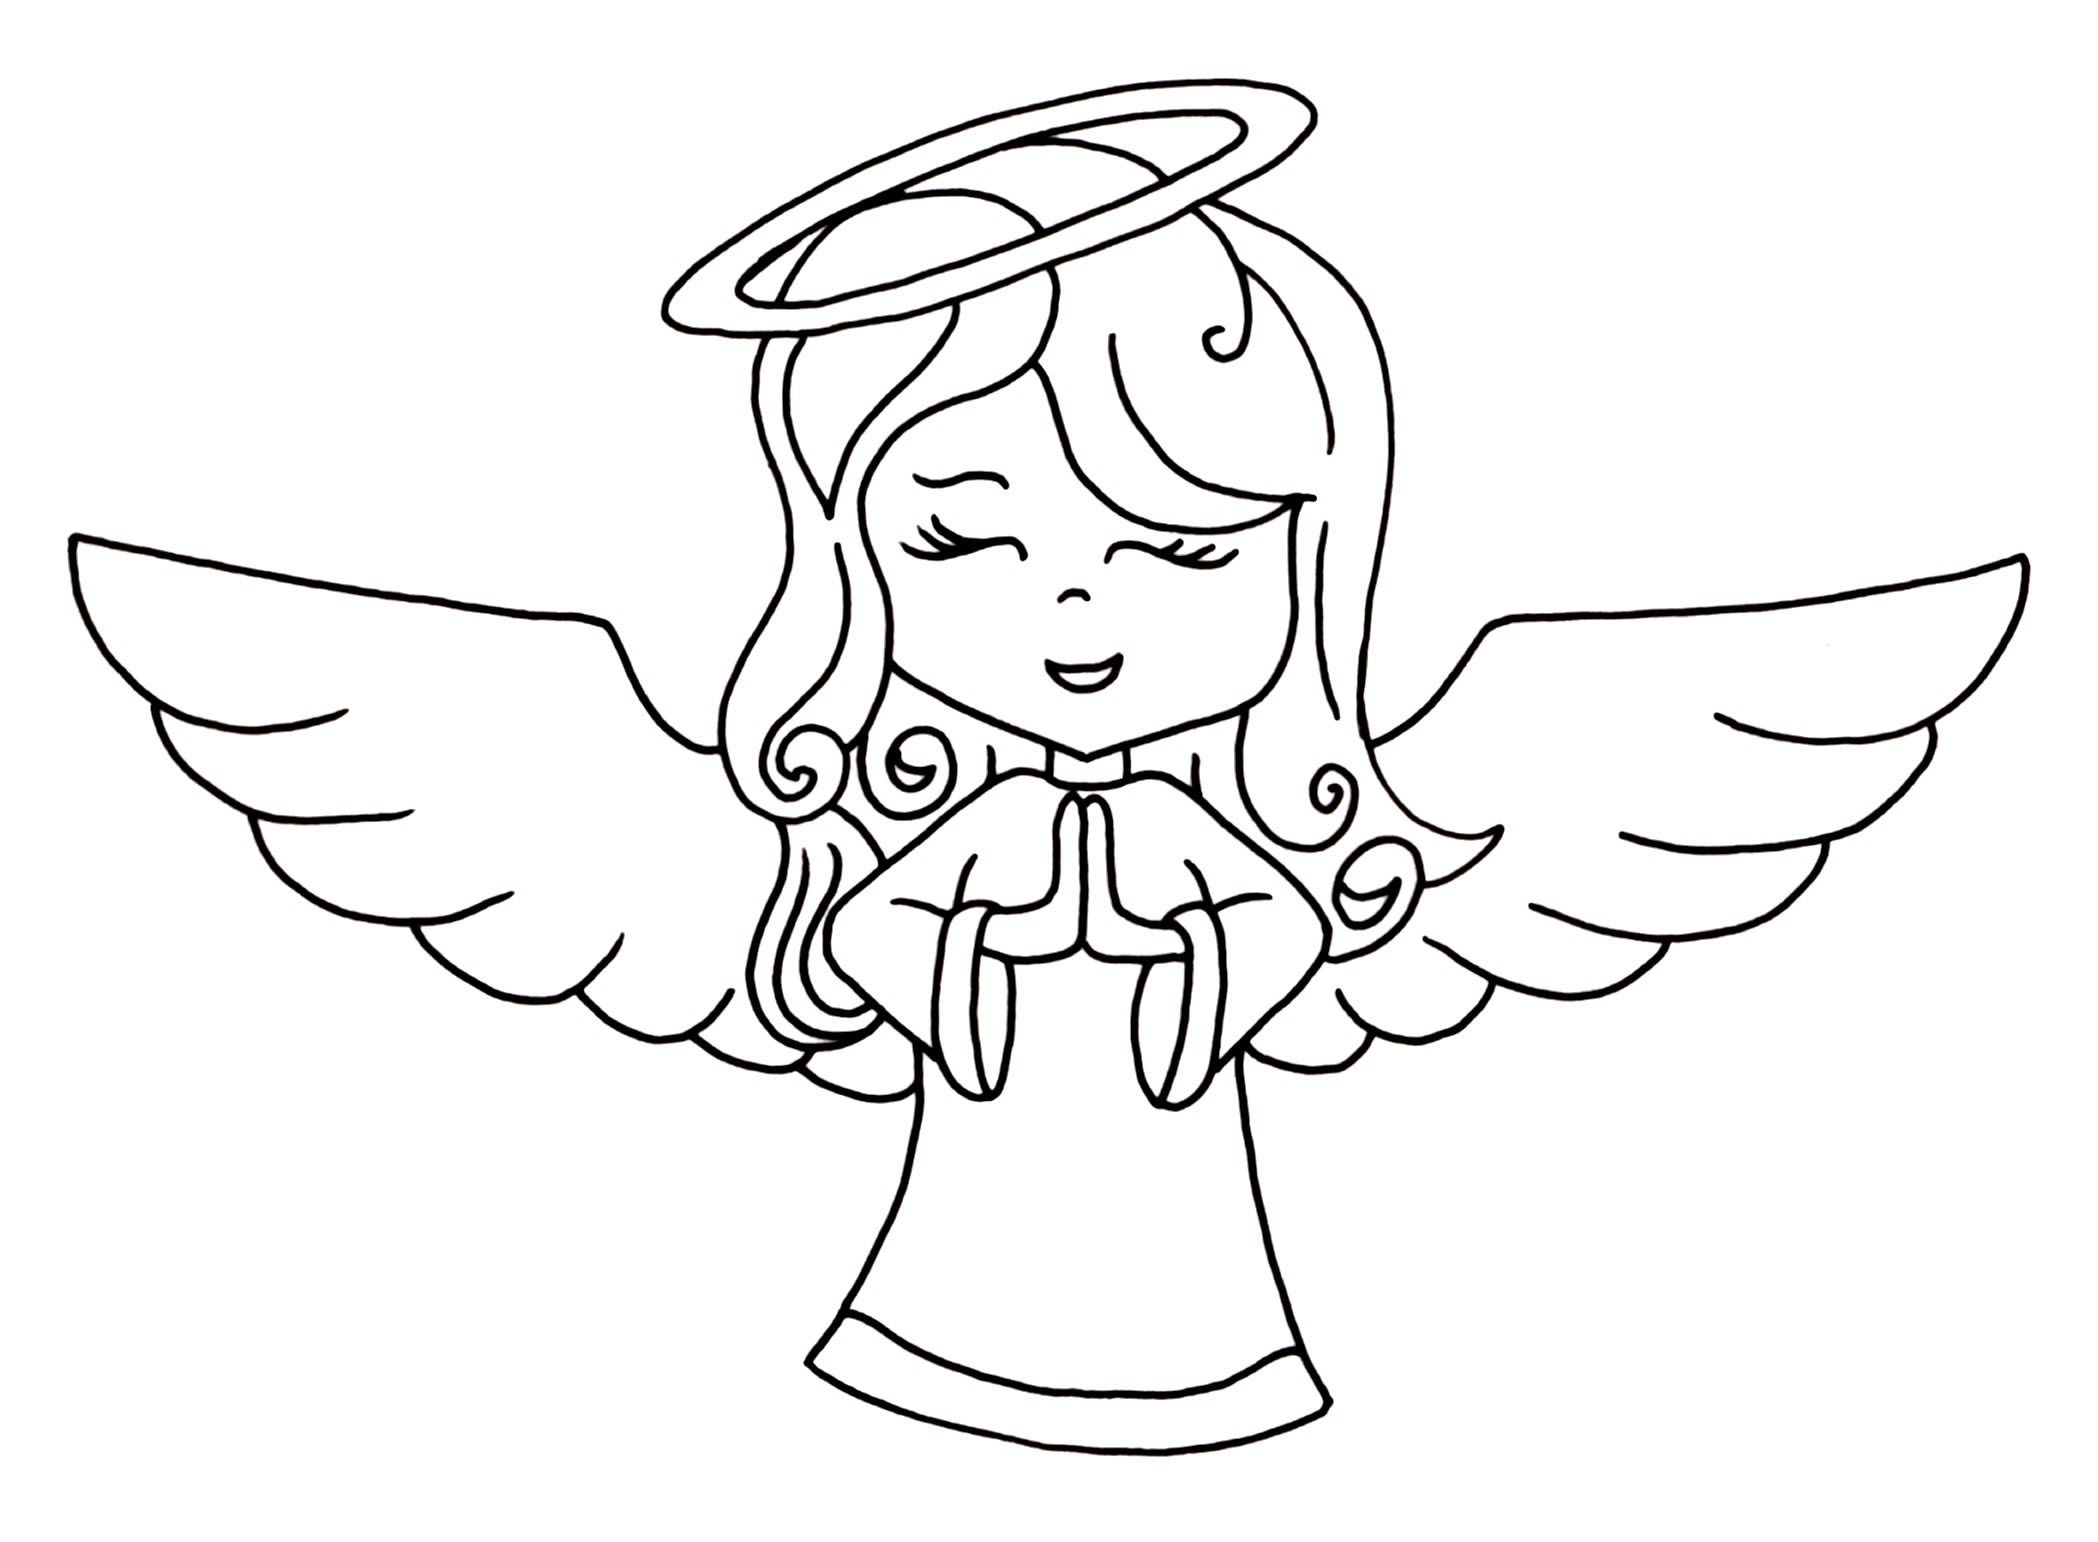 Imagenes de angeles para colorear para niños | ángeles para colorear ...